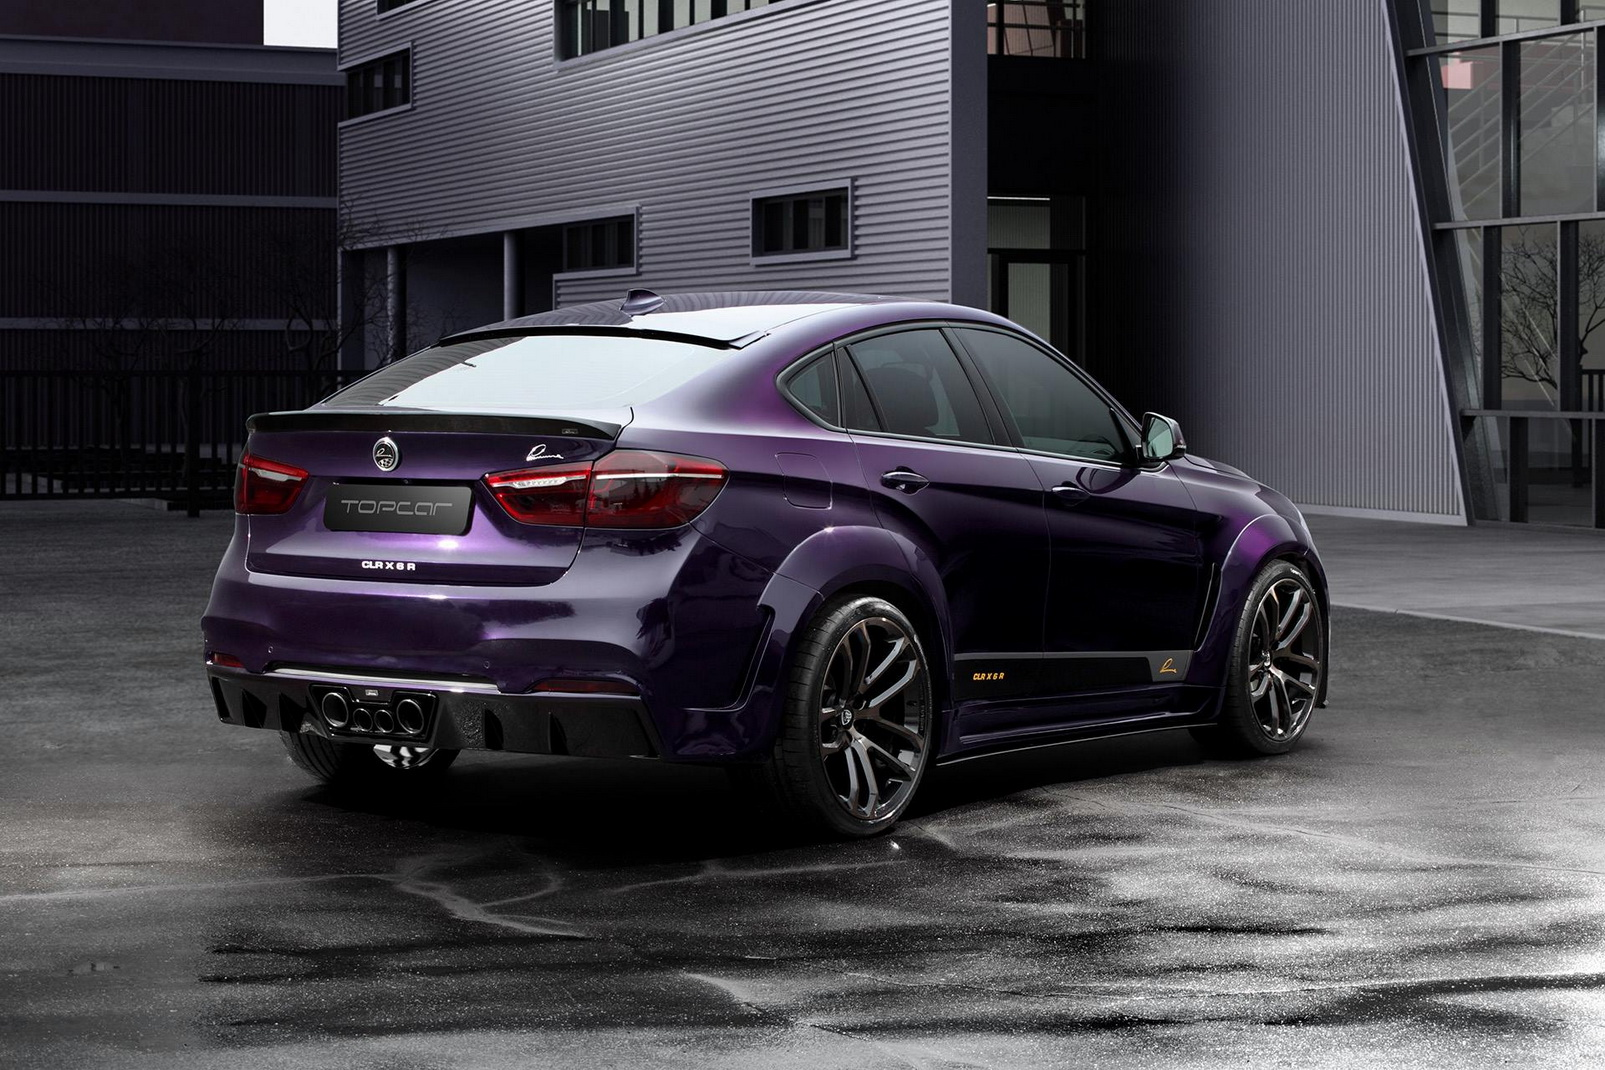 Lumma CLR BMW X6 R (7)